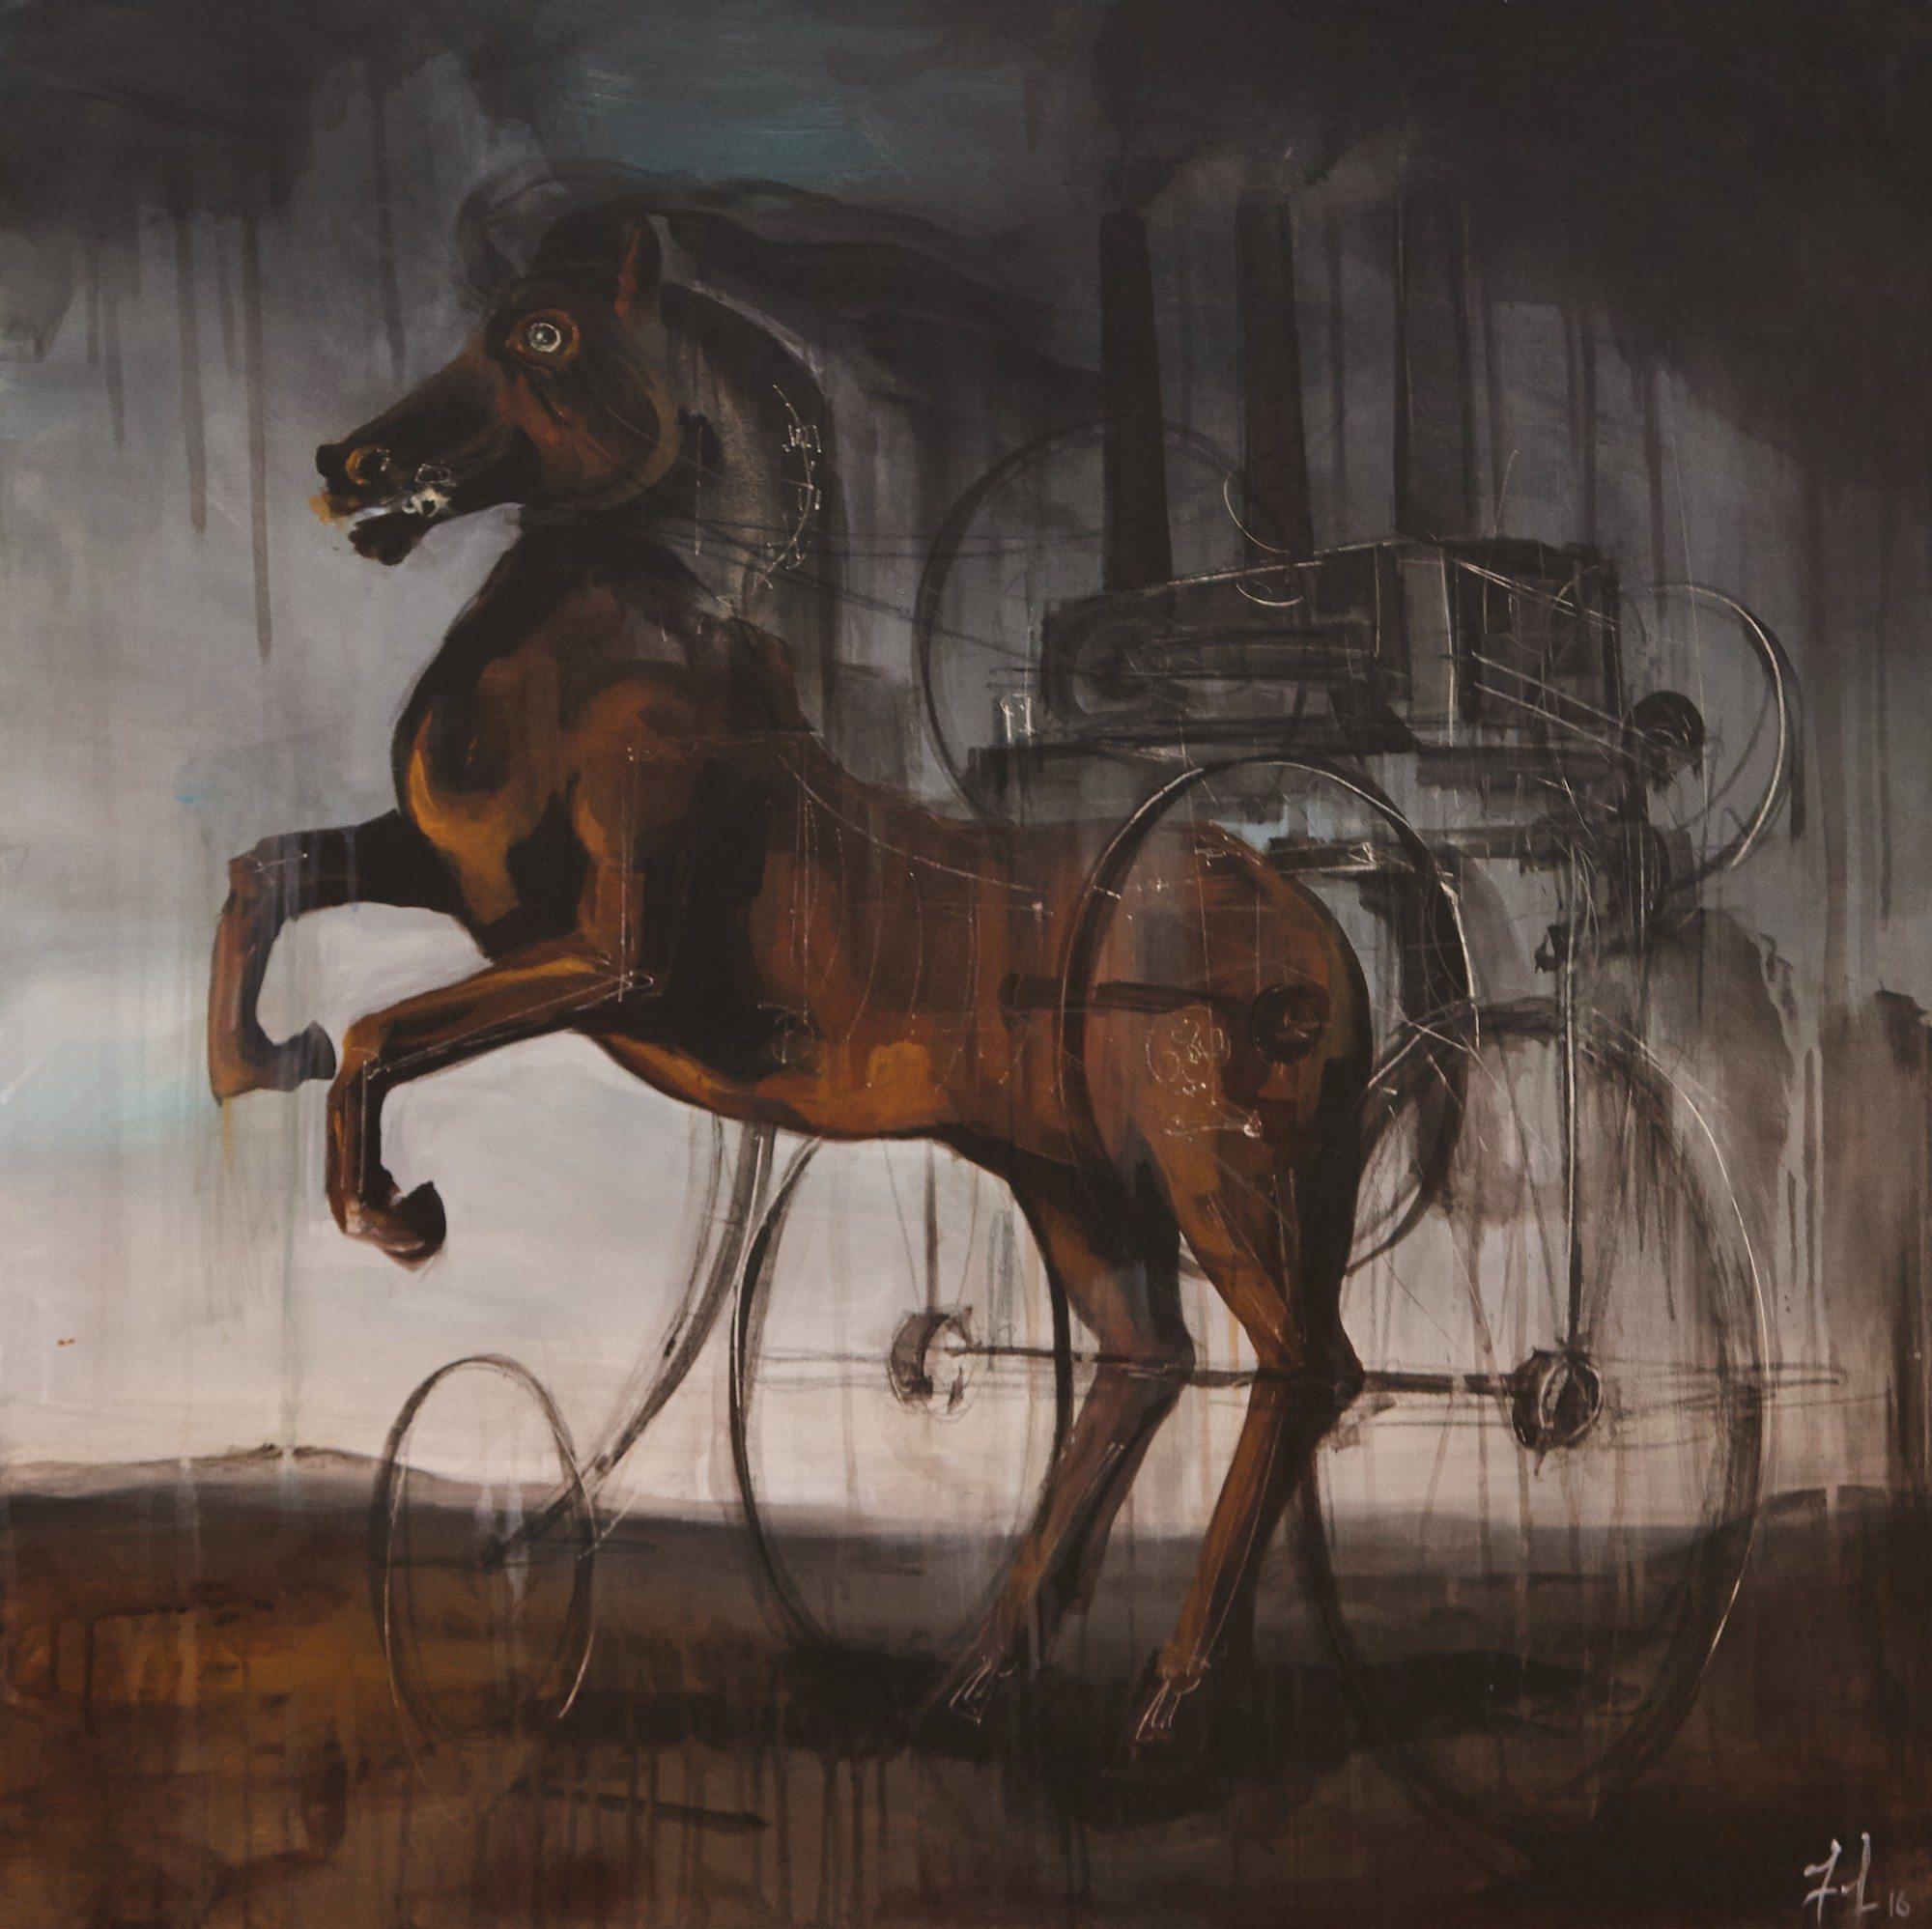 Art-Battle-Frederick-Ouellet-The Machine